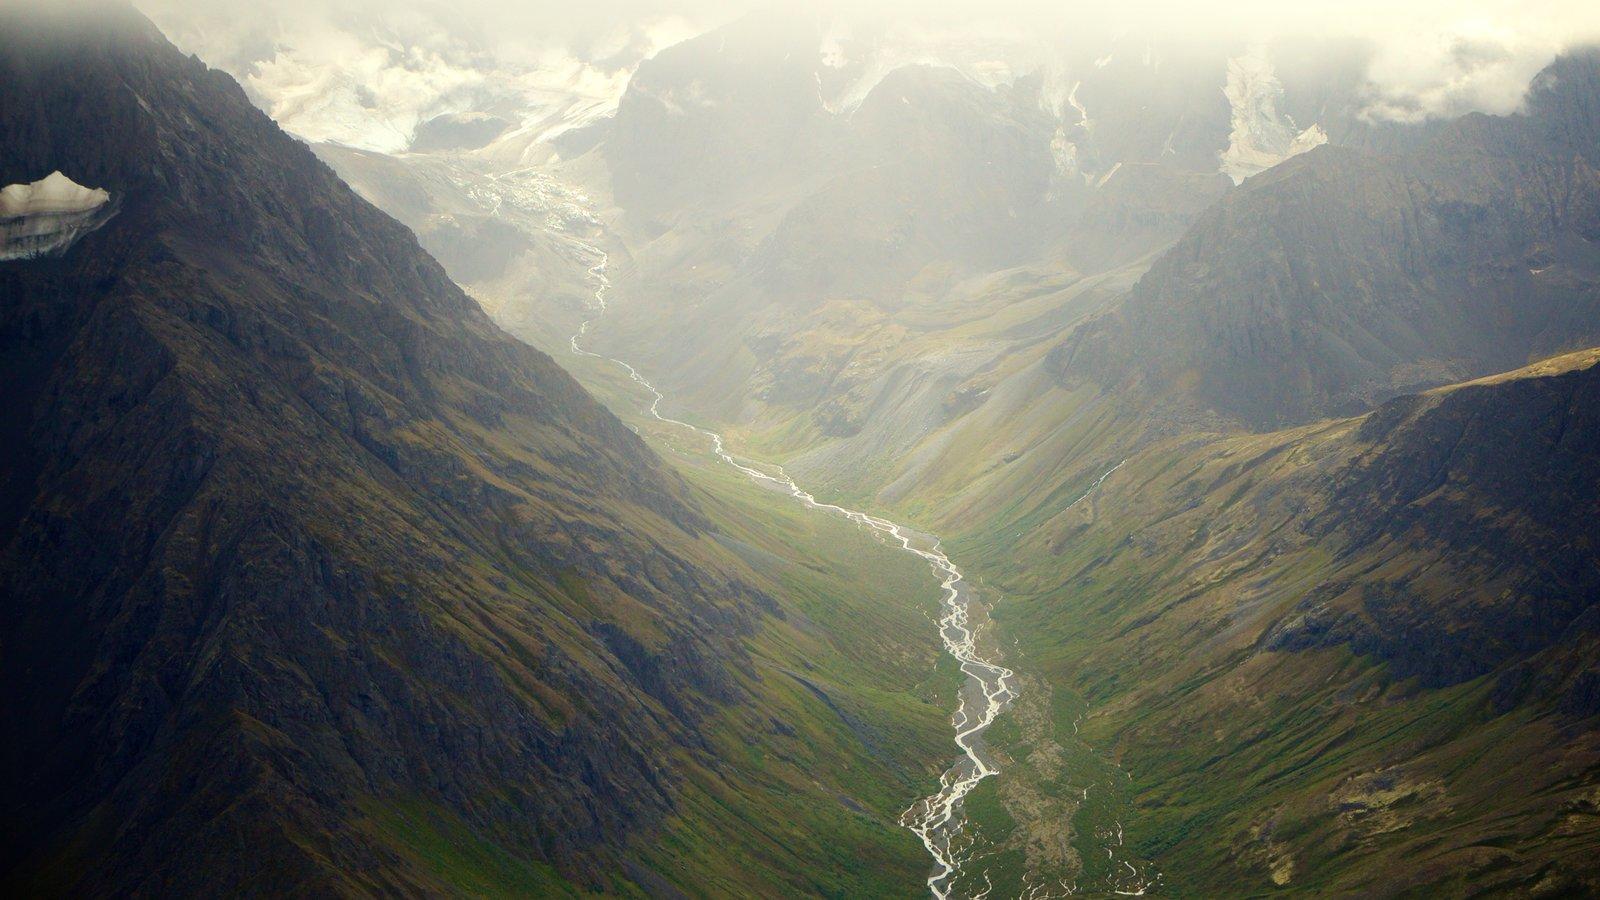 Chugach State Park mostrando um rio ou córrego, montanhas e um desfiladeiro ou canyon